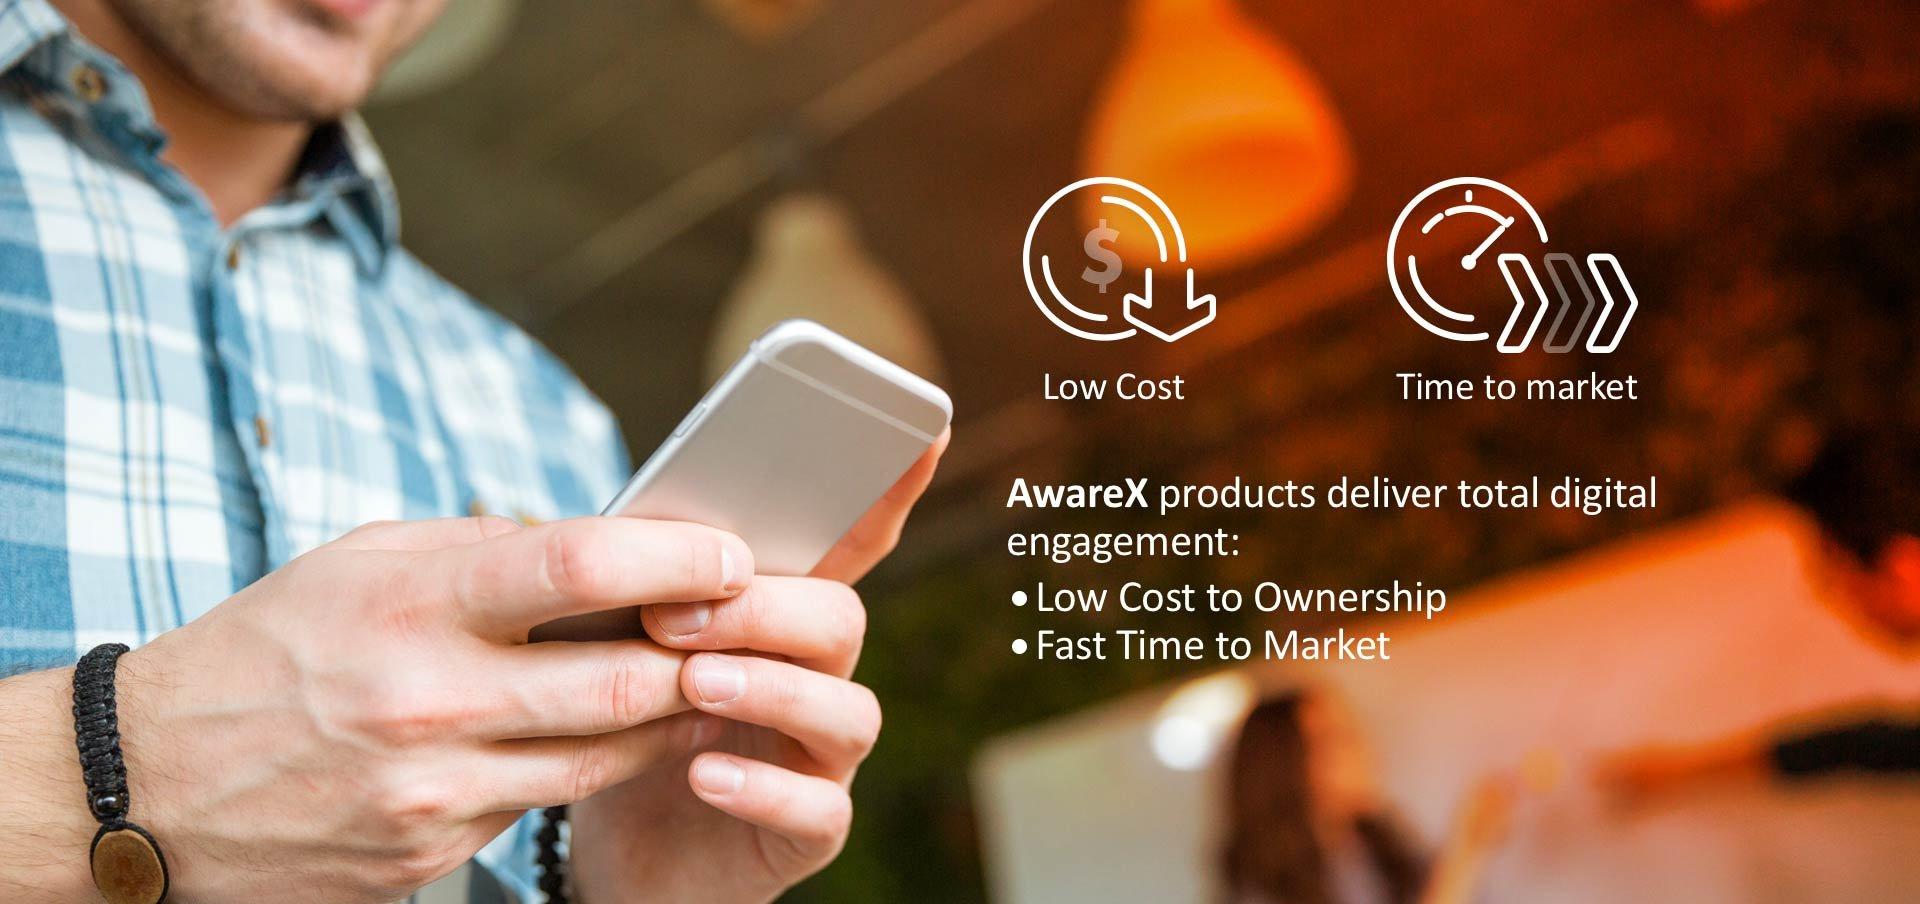 AwareX products deliver total digital engagement